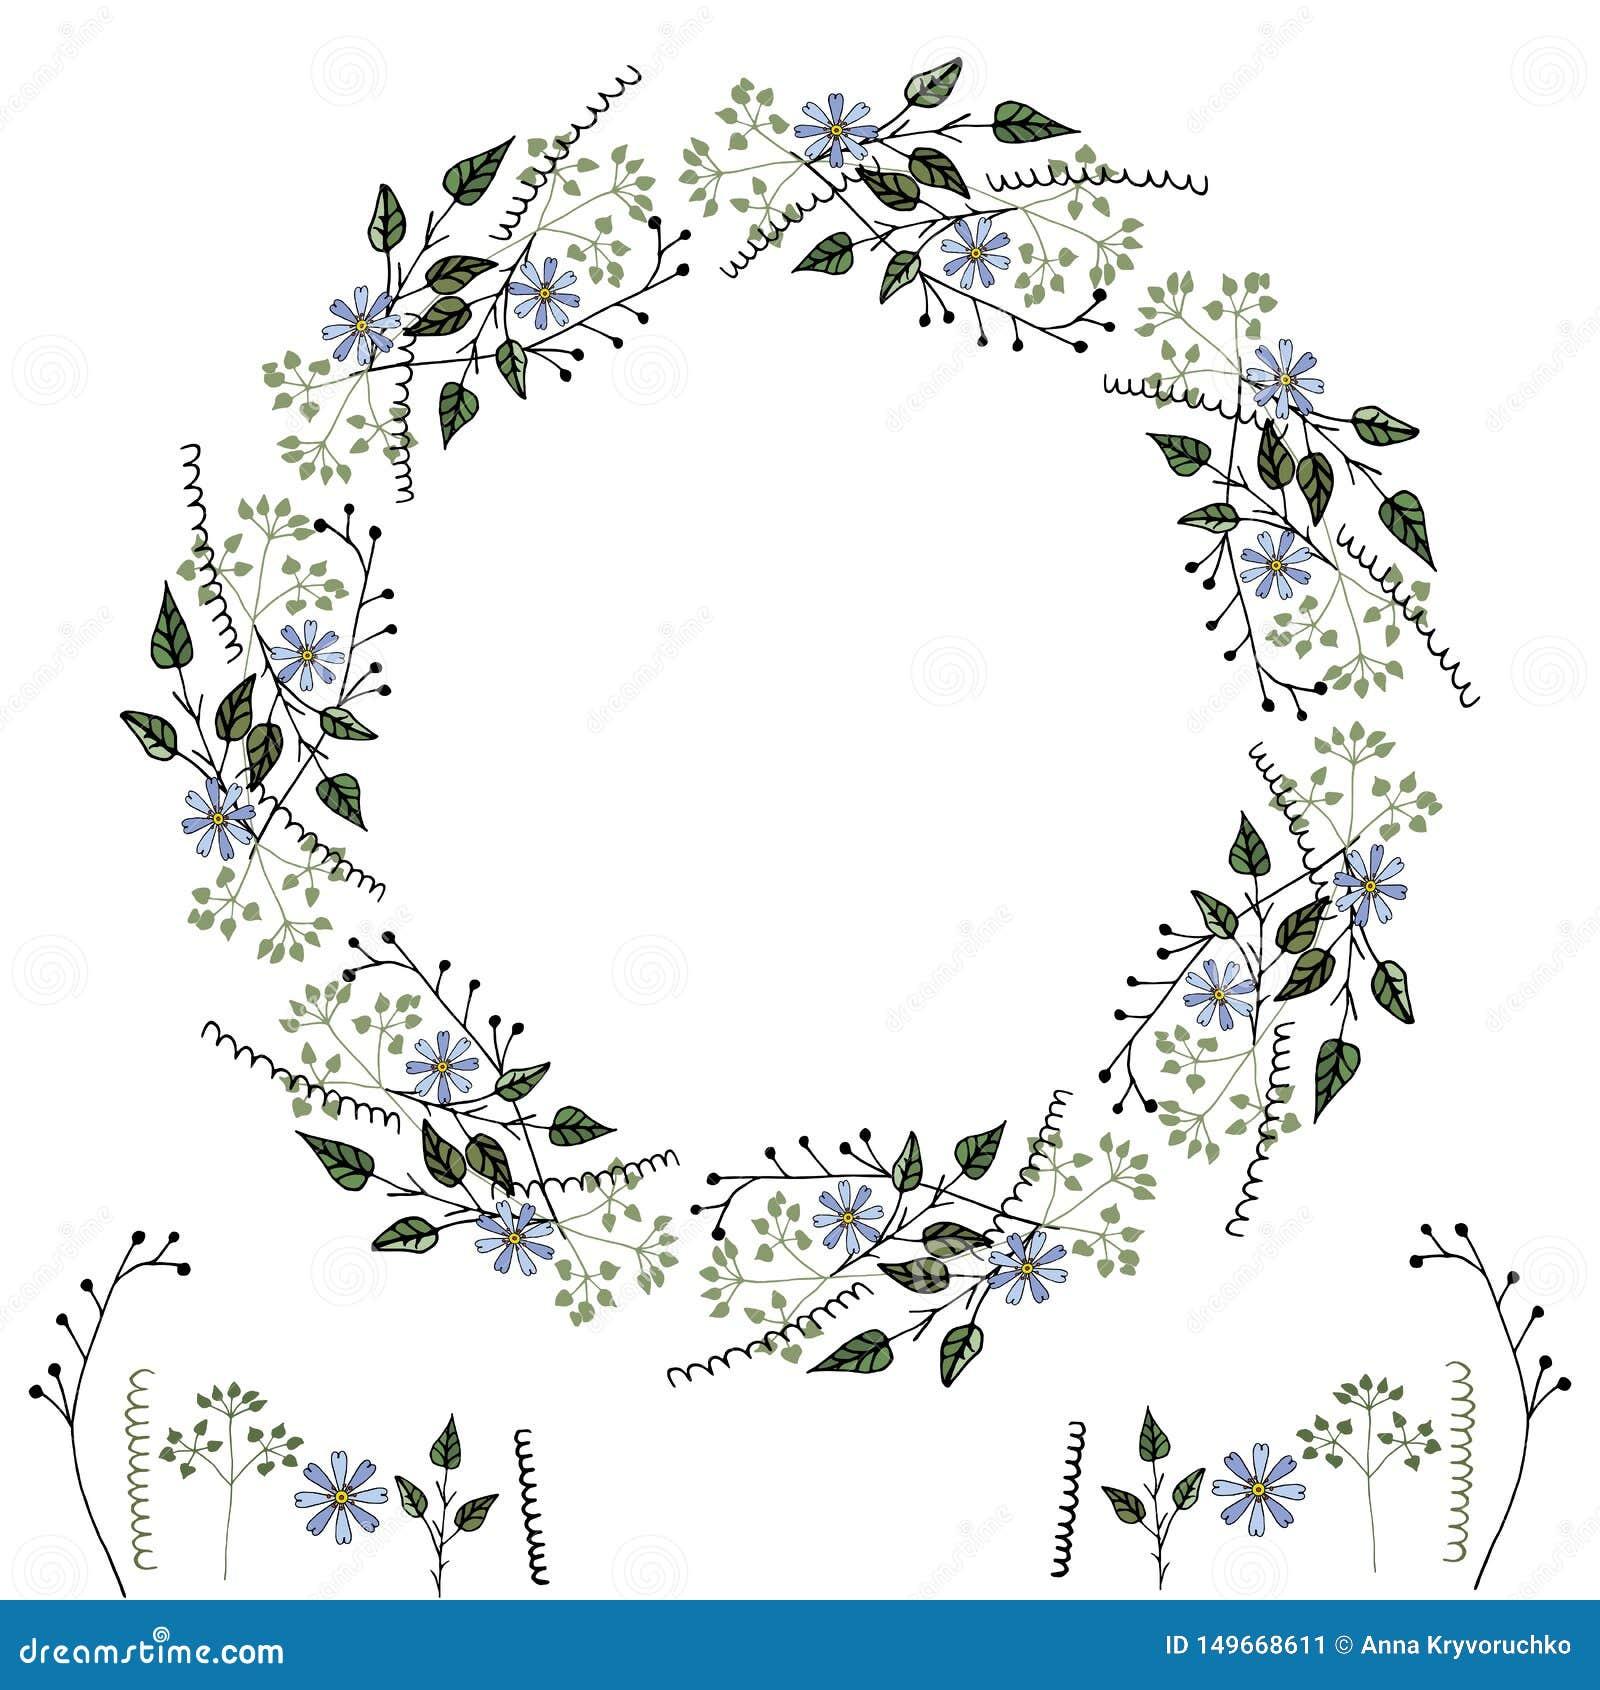 Рамка vektor цветка простых чувствительных ботанических элементов, цветков и геометрических форм, для создания интересных дизайно